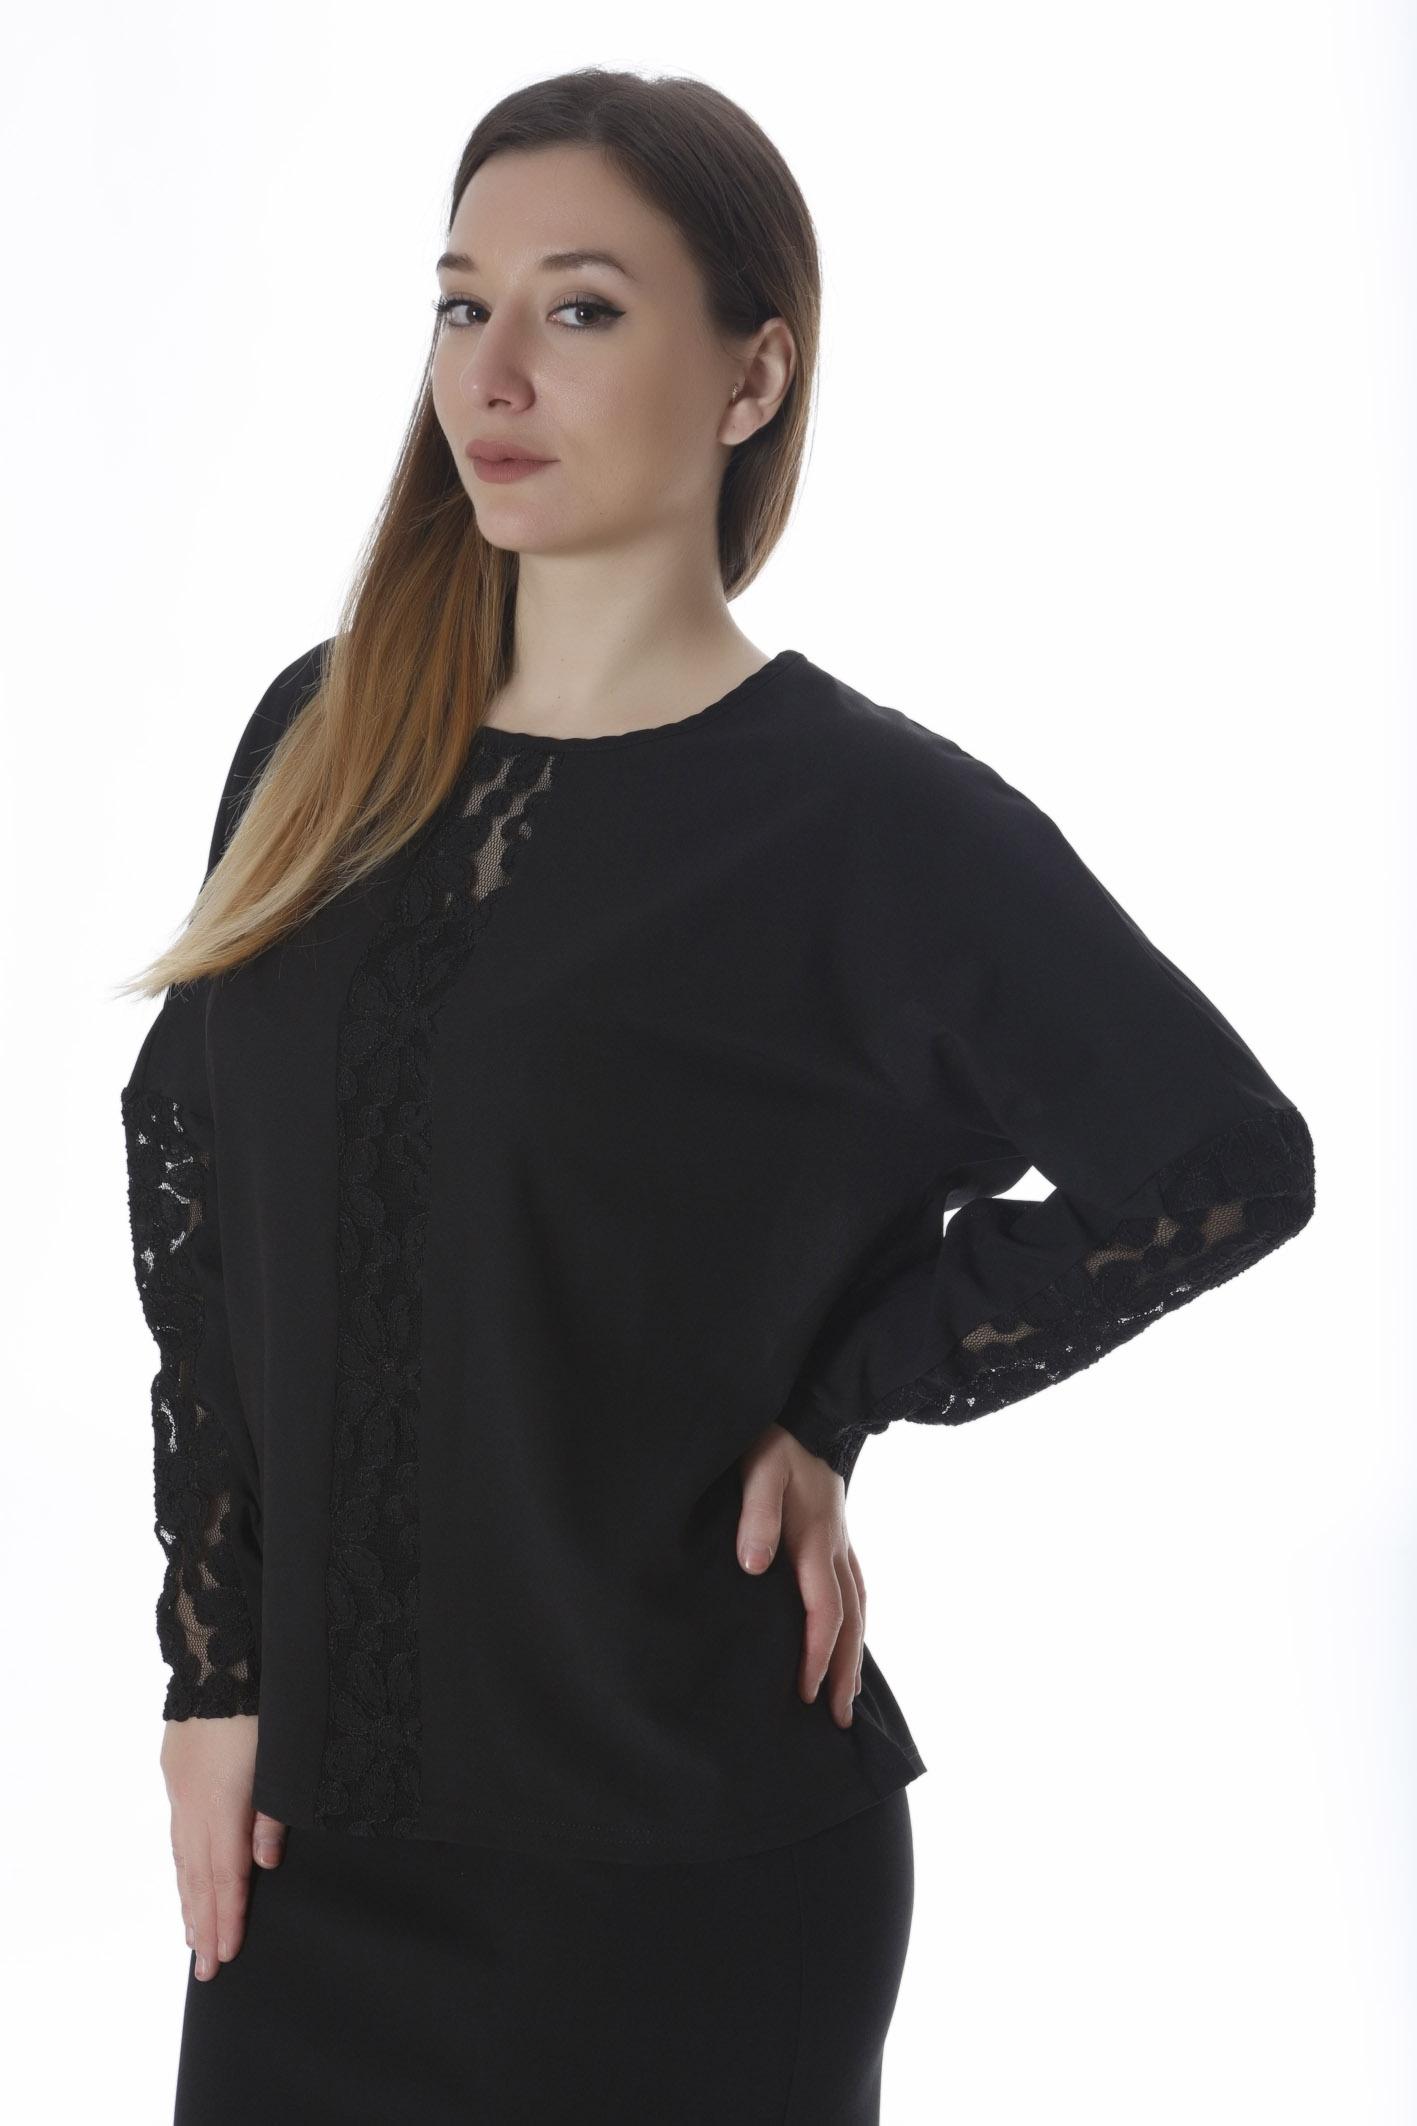 Μαύρη μπλούζα με δαντέλα κατά μήκος νέες αφίξεις   ενδύματα   μπλούζες   sunrose